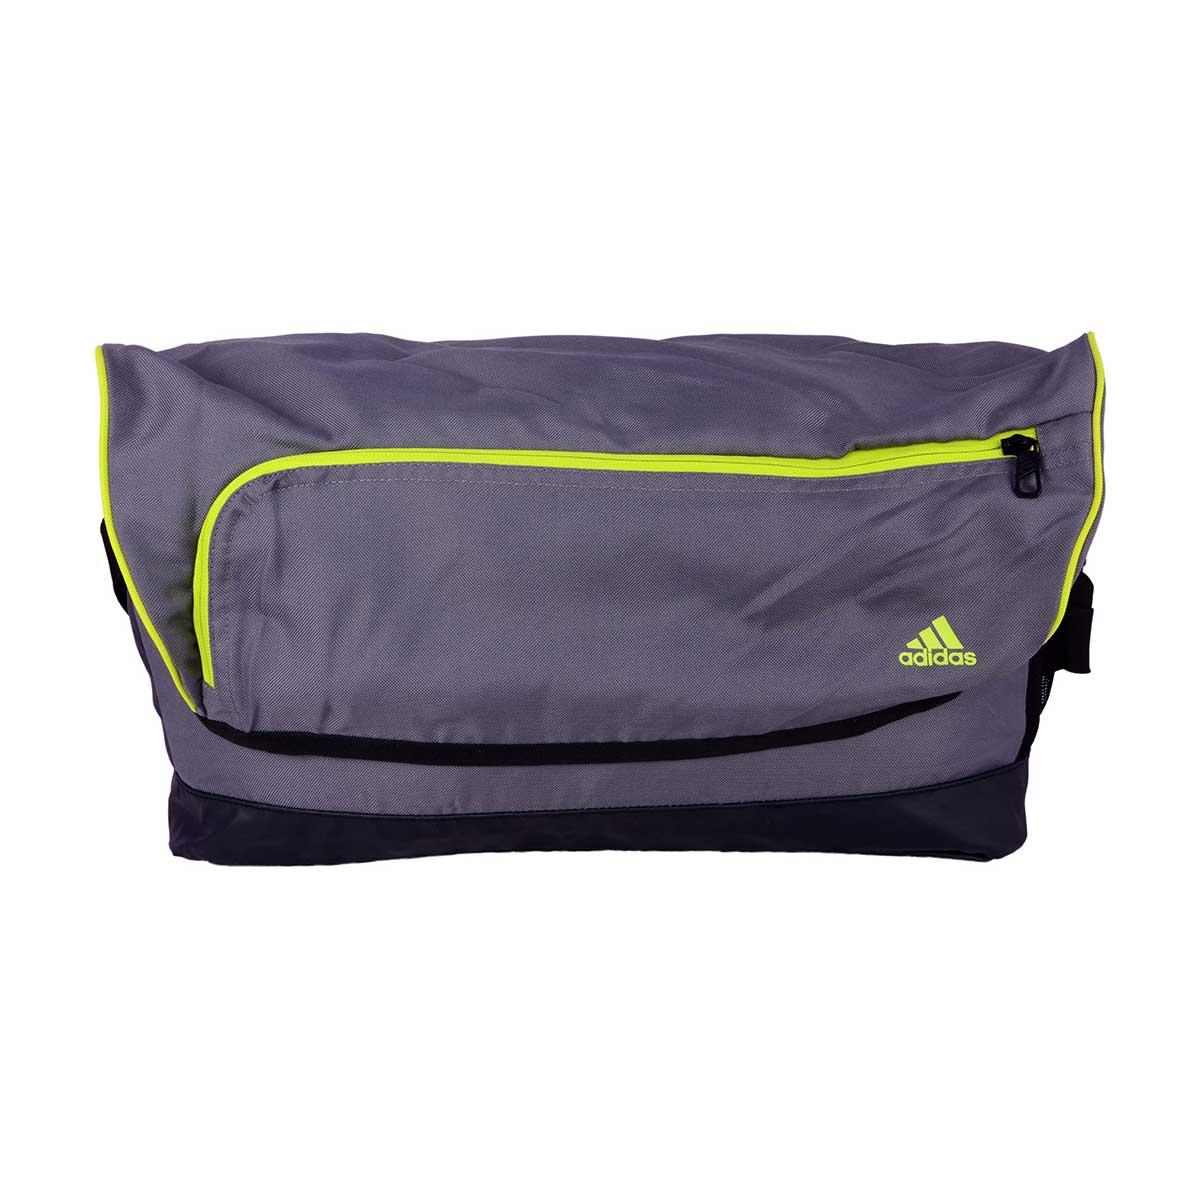 537b6122a32 Buy Adidas NGA 1.0MS Bag Online India